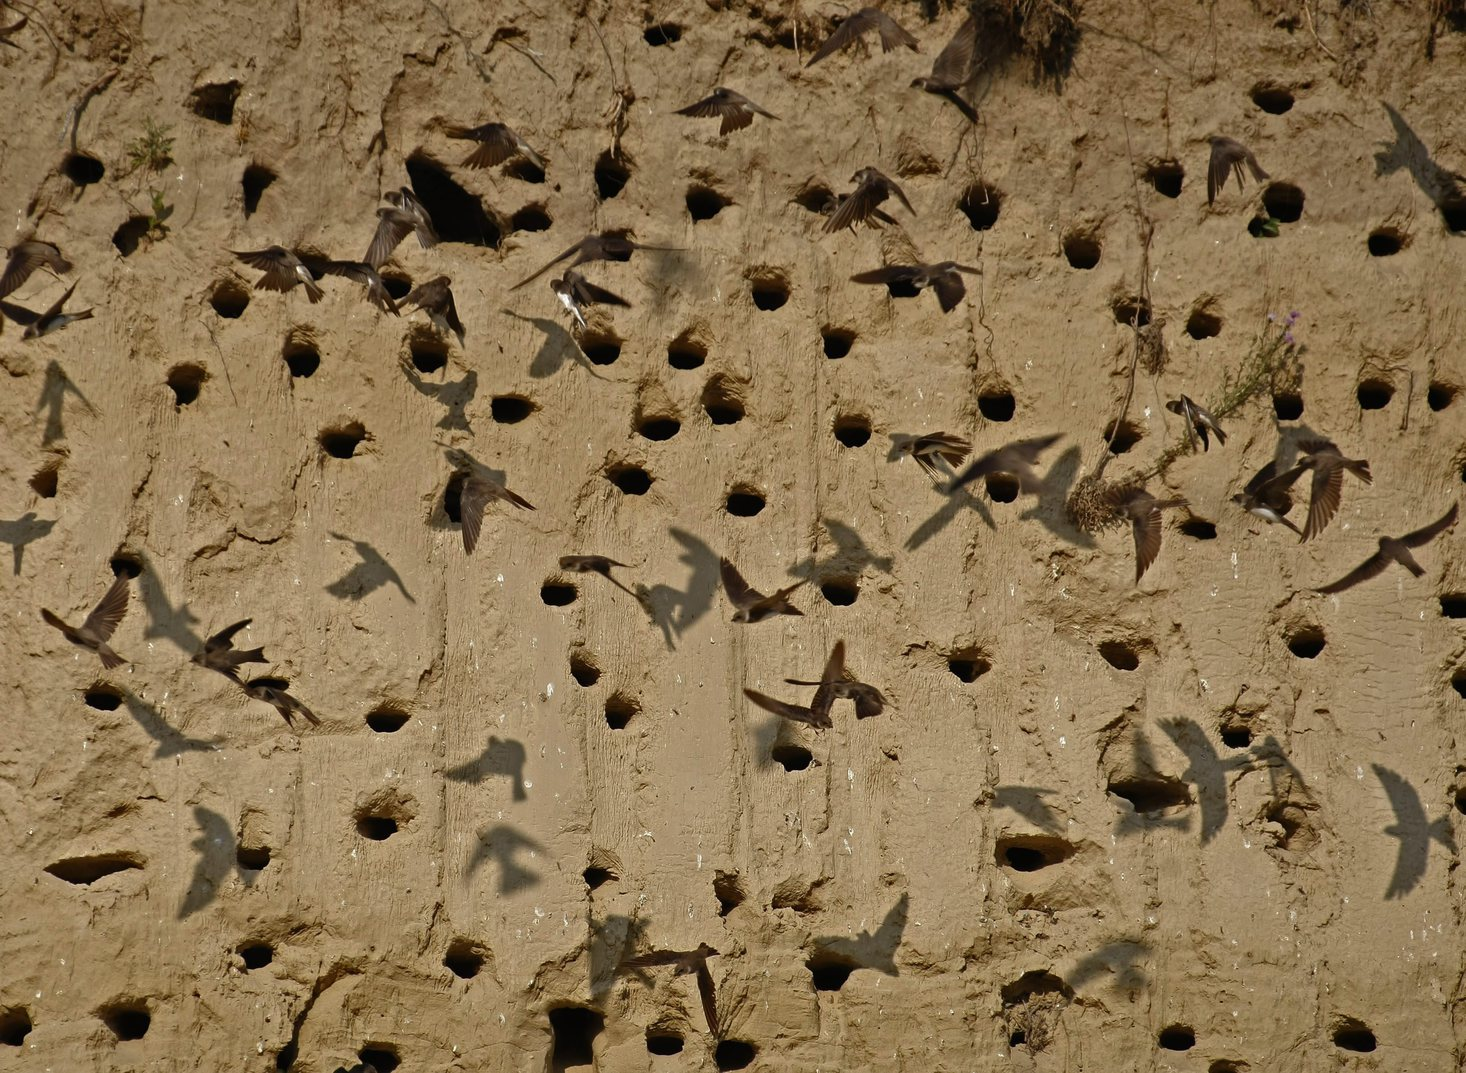 Partifecskék (Riparia riparia) repkednek homokfalba vájt fészkeik körül Nemesnádudvar közelében 2015. július 2-án. MTI Fotó: Bugány János